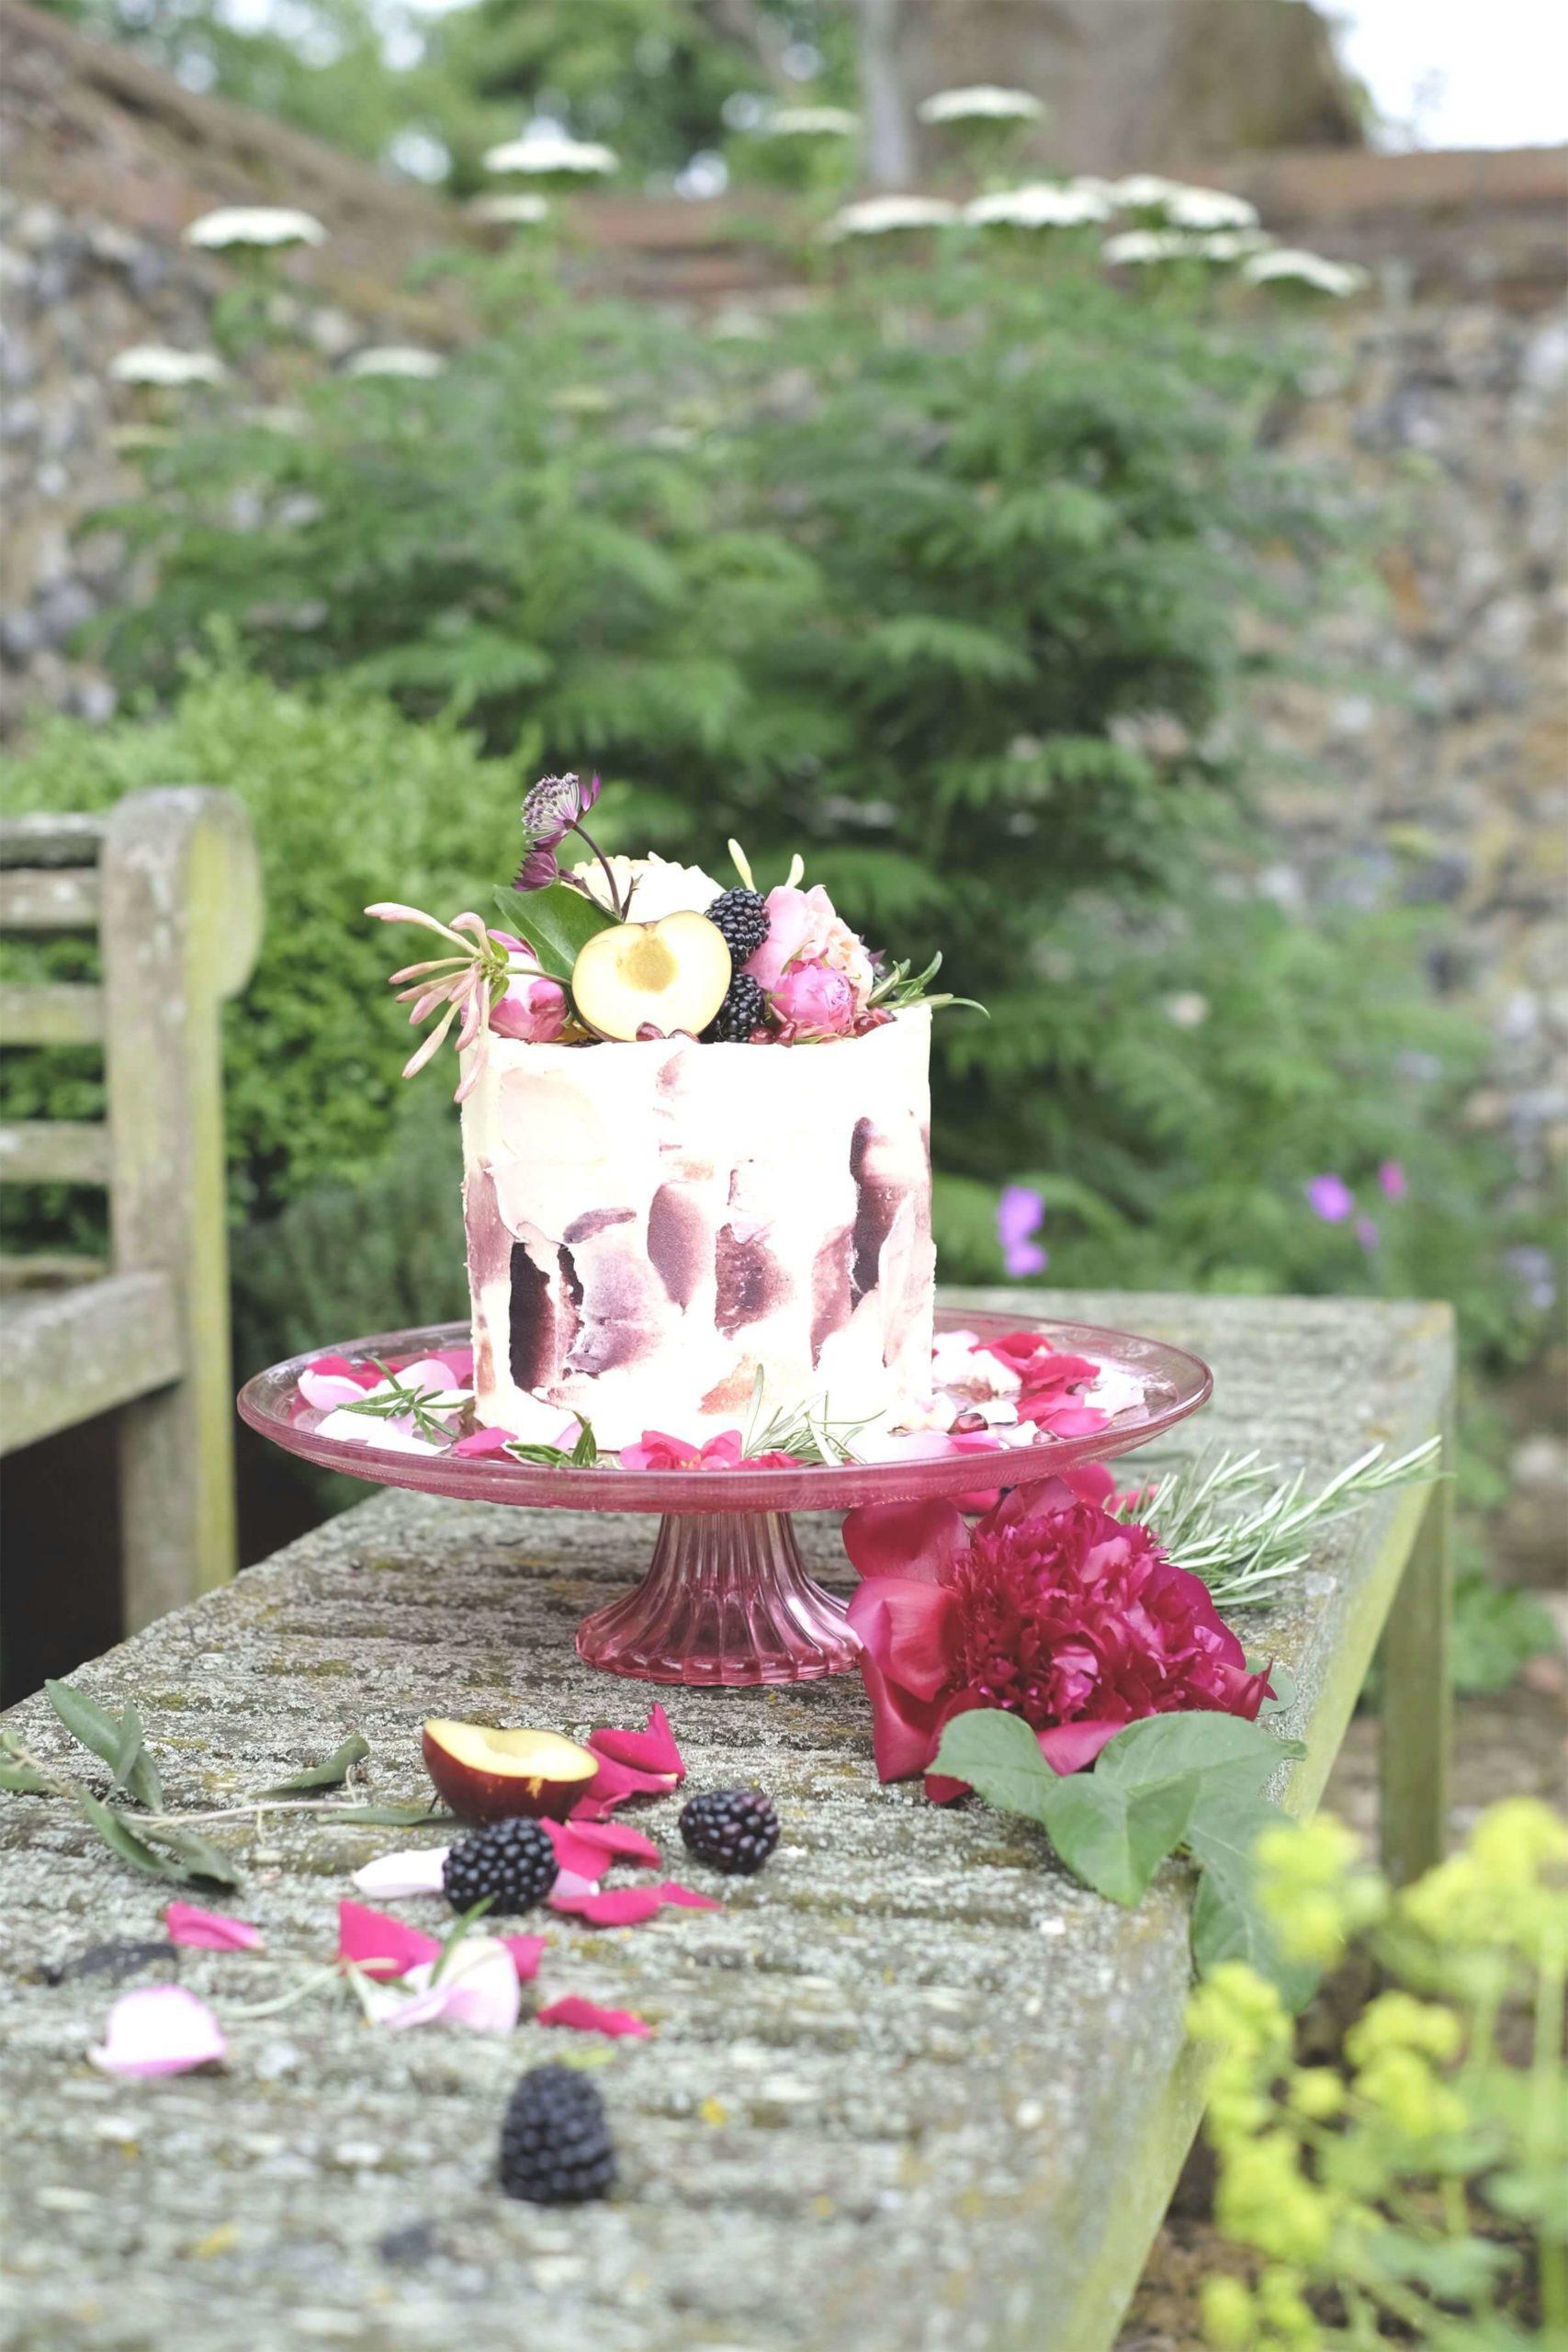 Rose, Claret & Blackberries 48